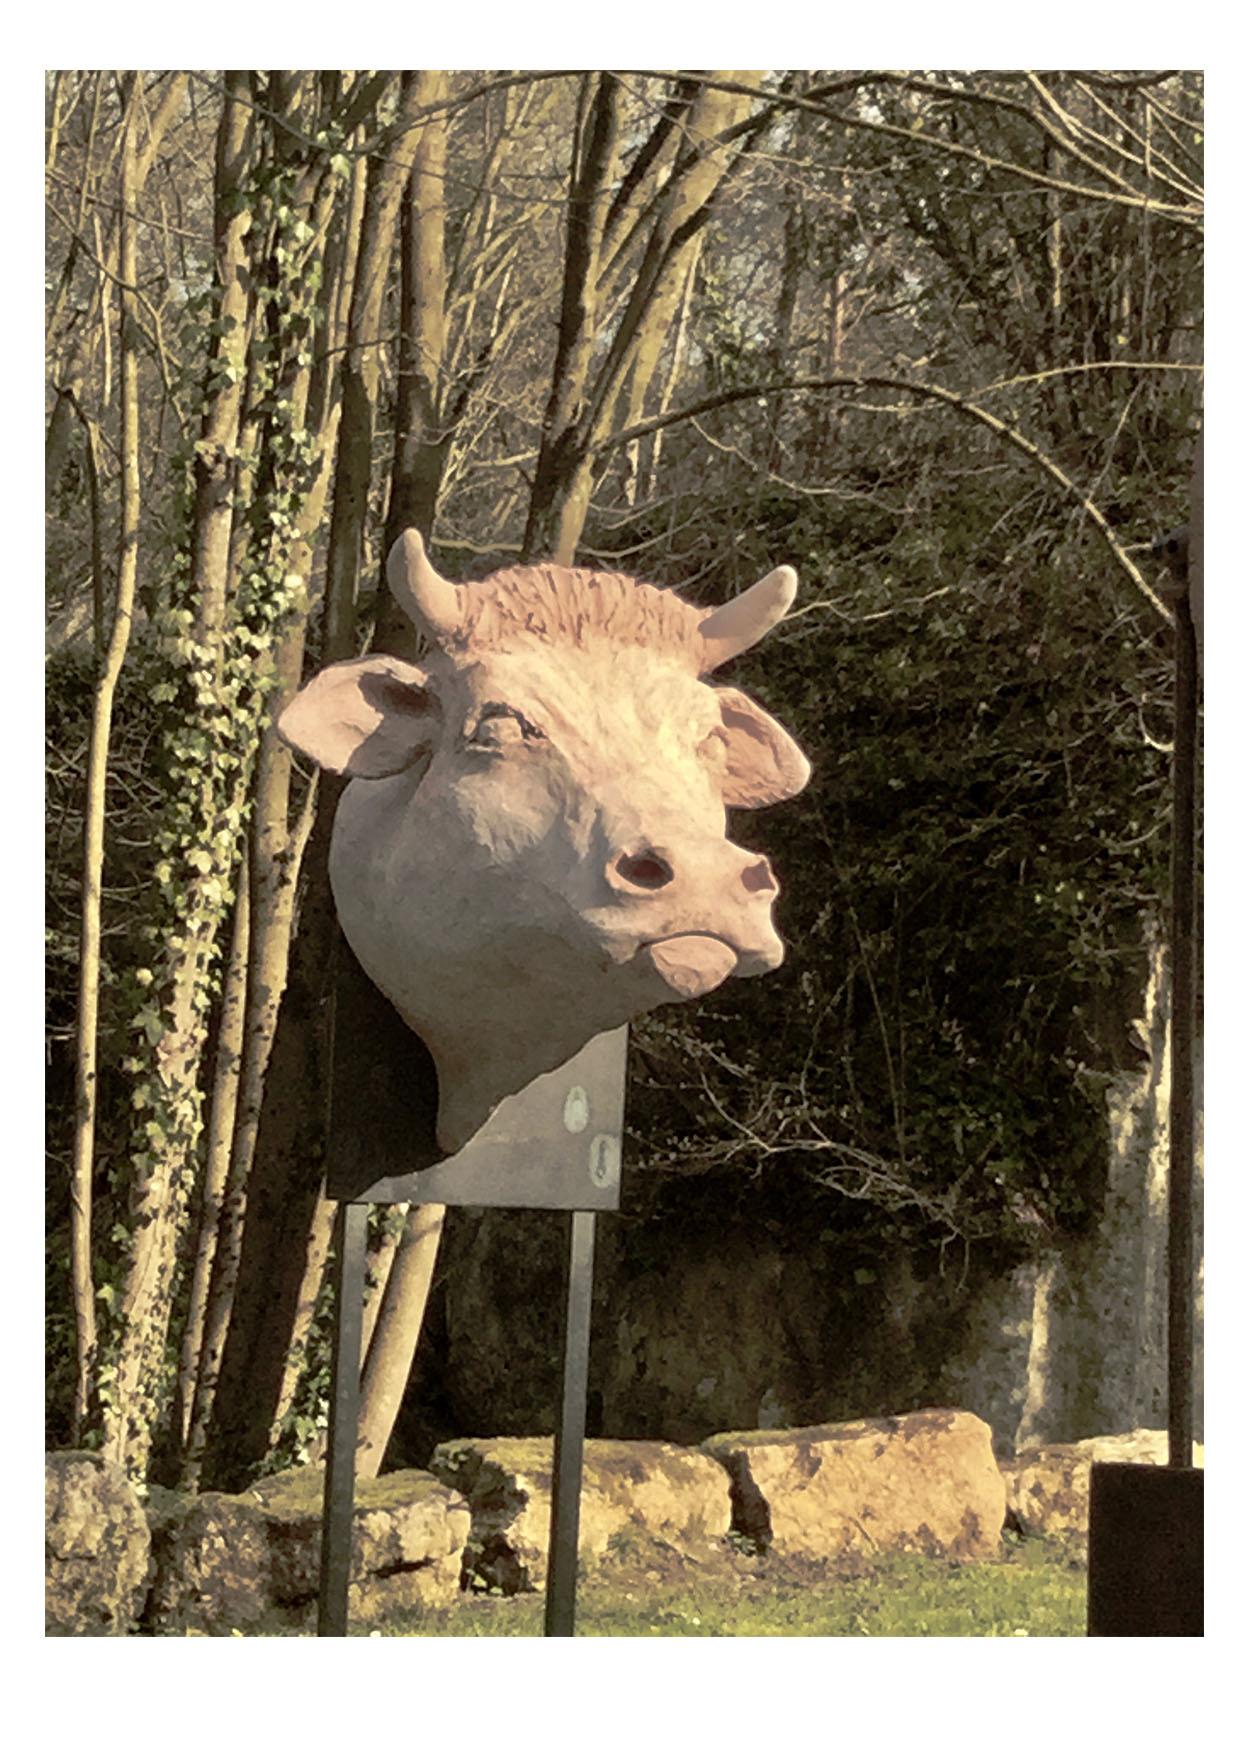 REPORTÉ : Présentation des sculptures «in situ» par Patricia Lemort @ Lachapelle-aux-Pots, au niveau de l'Avenue Verte London-Paris (parking rue des Joncquières